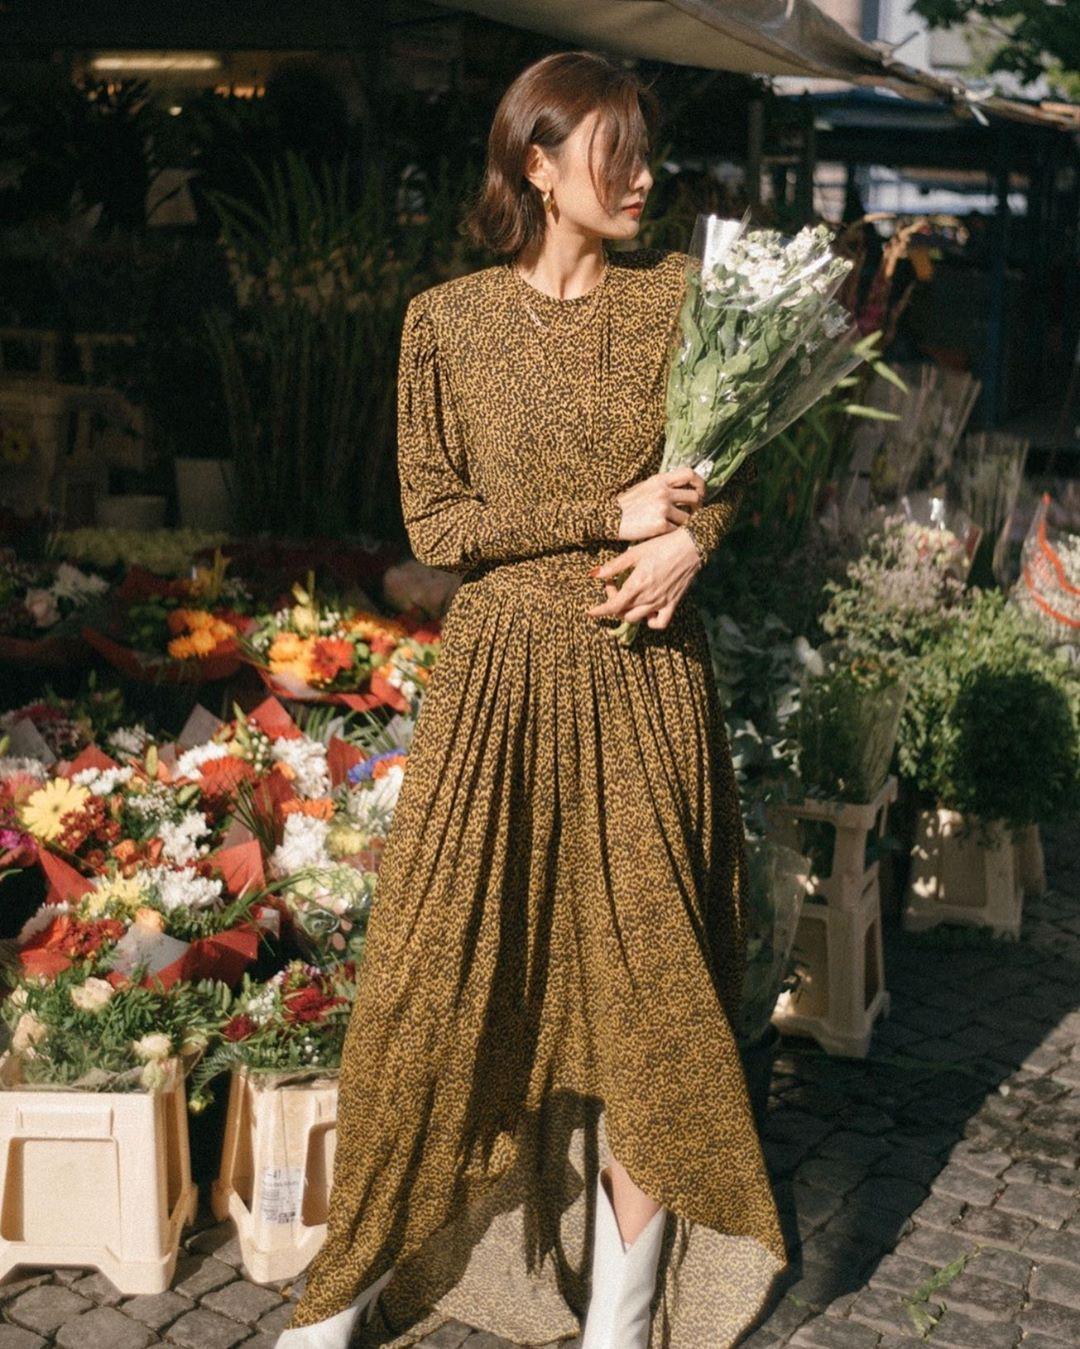 Không kiểu váy nào vượt qua được váy dáng dài về độ sang chảnh, yêu kiều và hợp rơ với tiết trời se lạnh-8